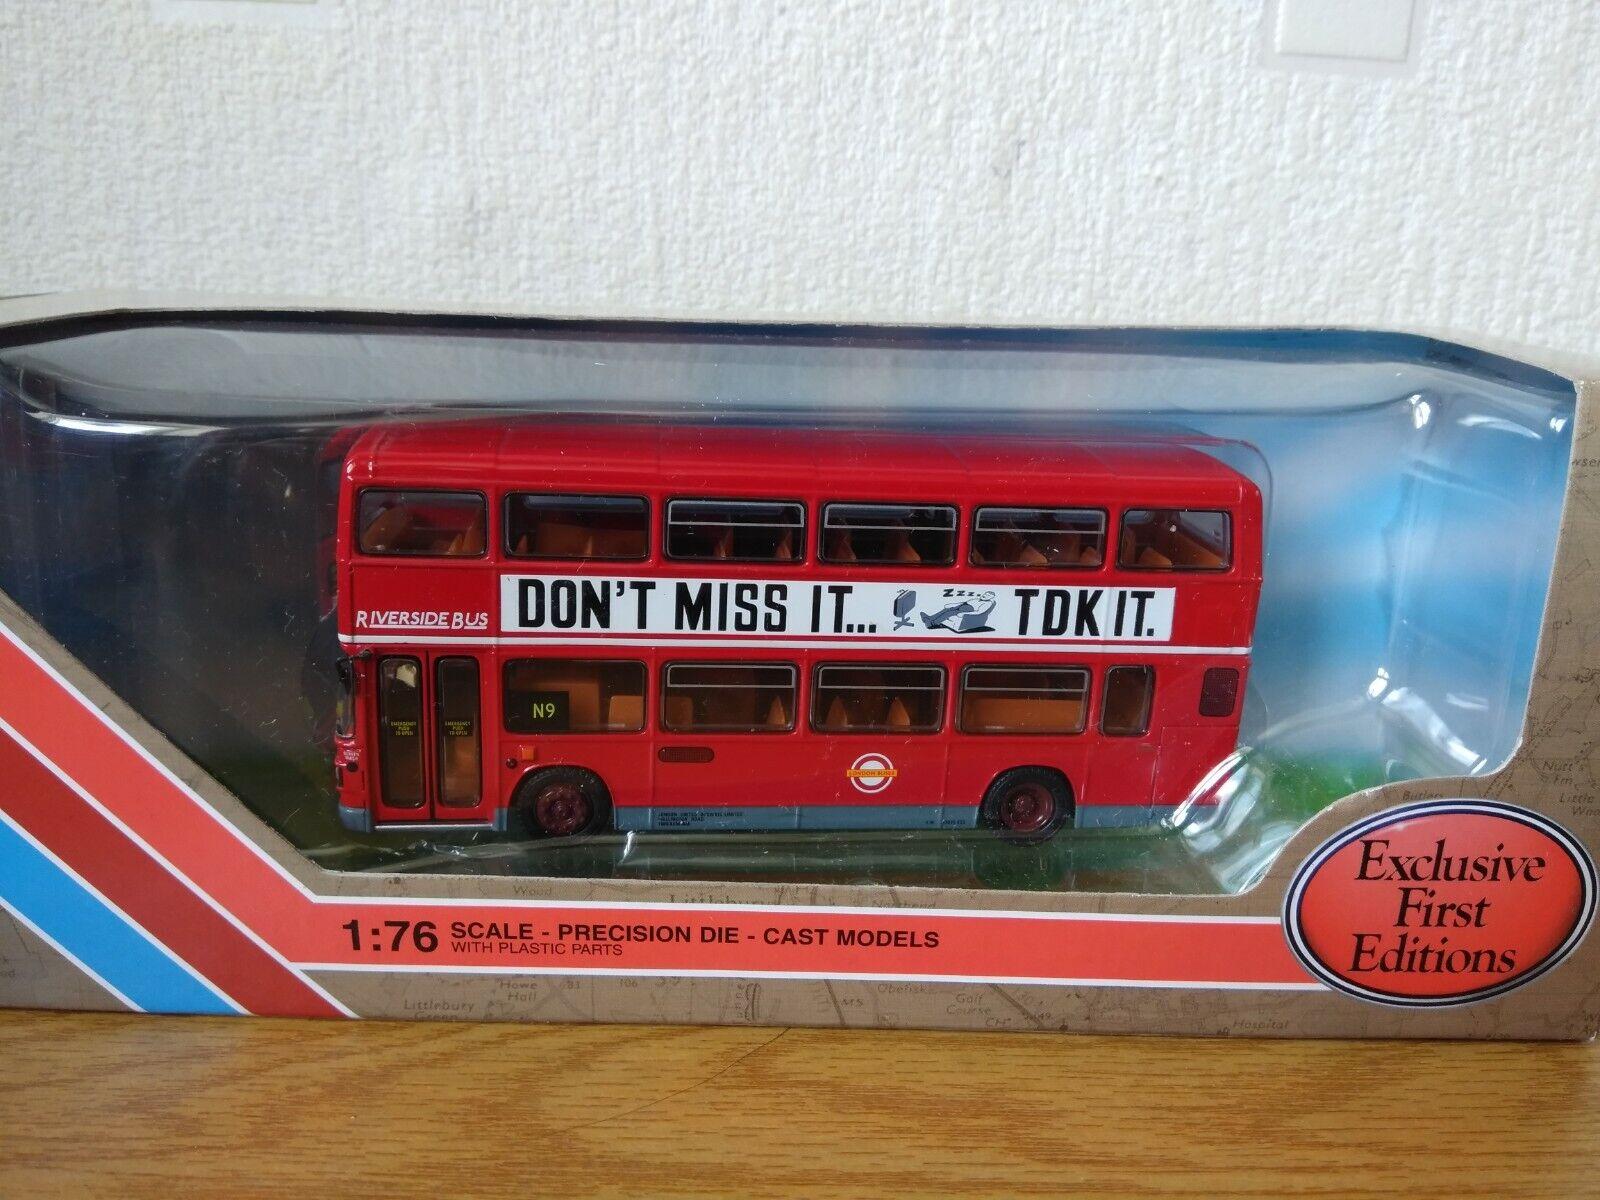 EFE code 2 29608 A très rare Bus